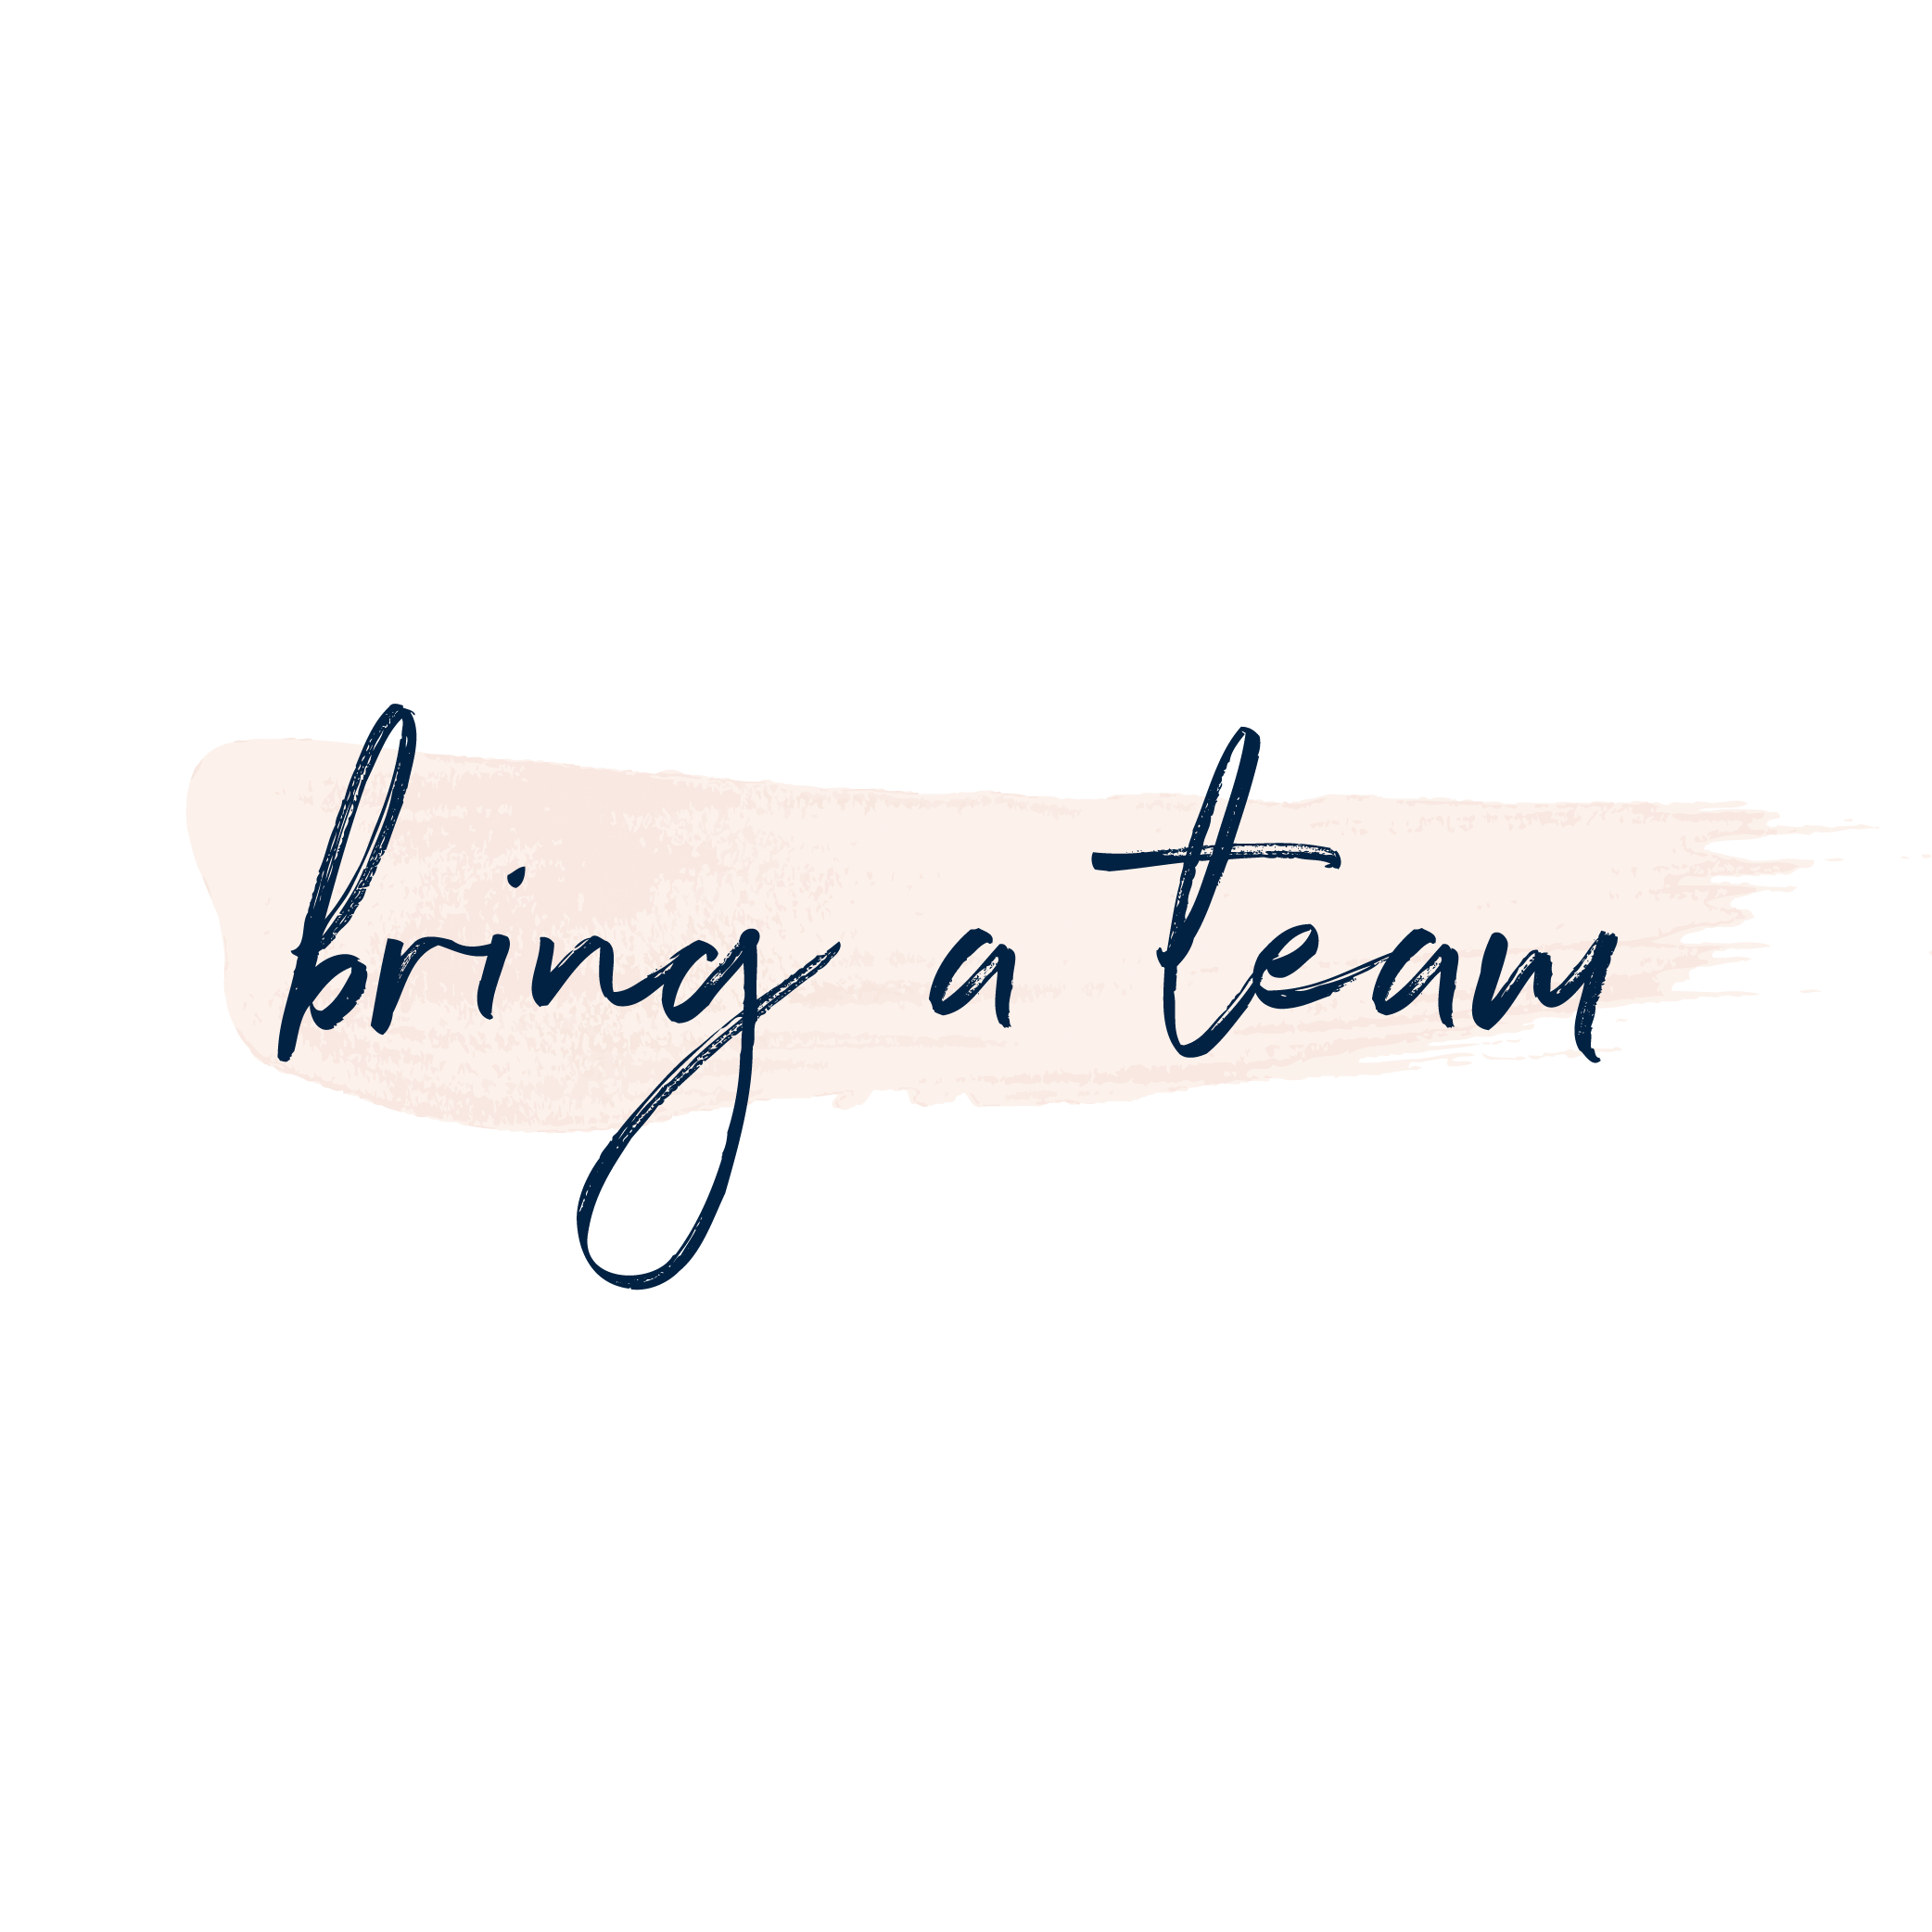 Copy of bring a team